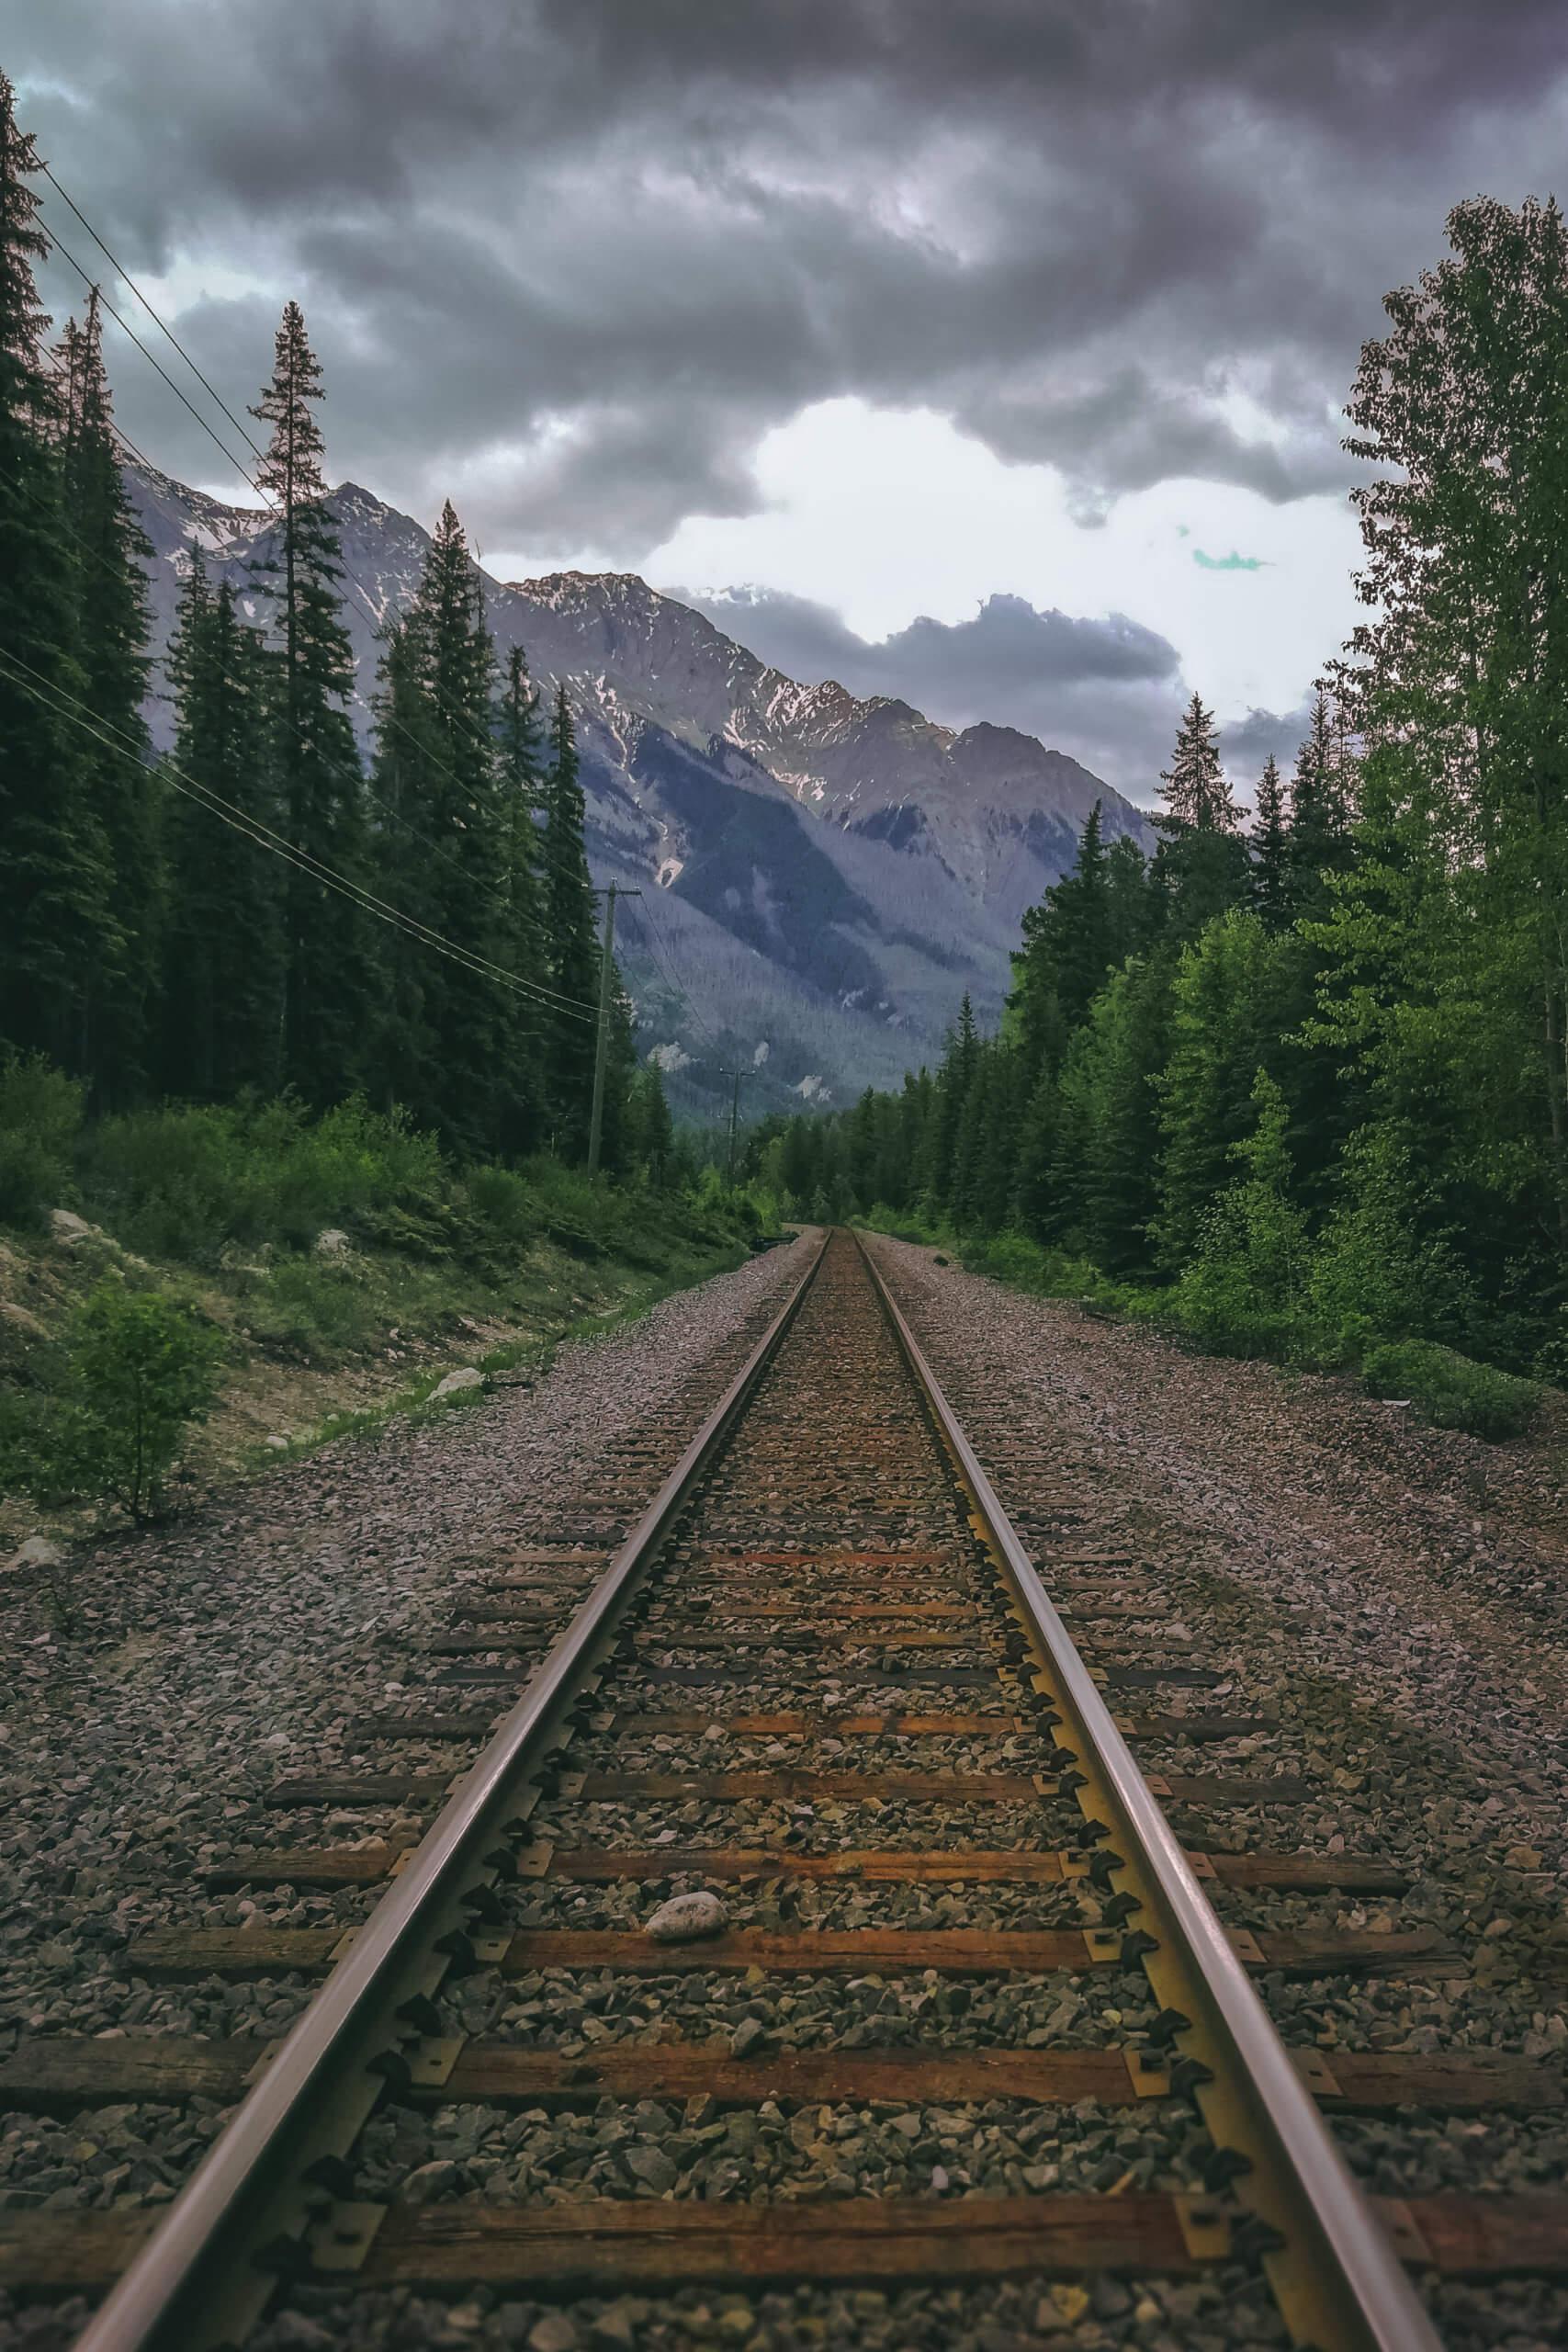 Überquerung der Bahngleise auf dem Weg zum Mt. Hunter Lookout